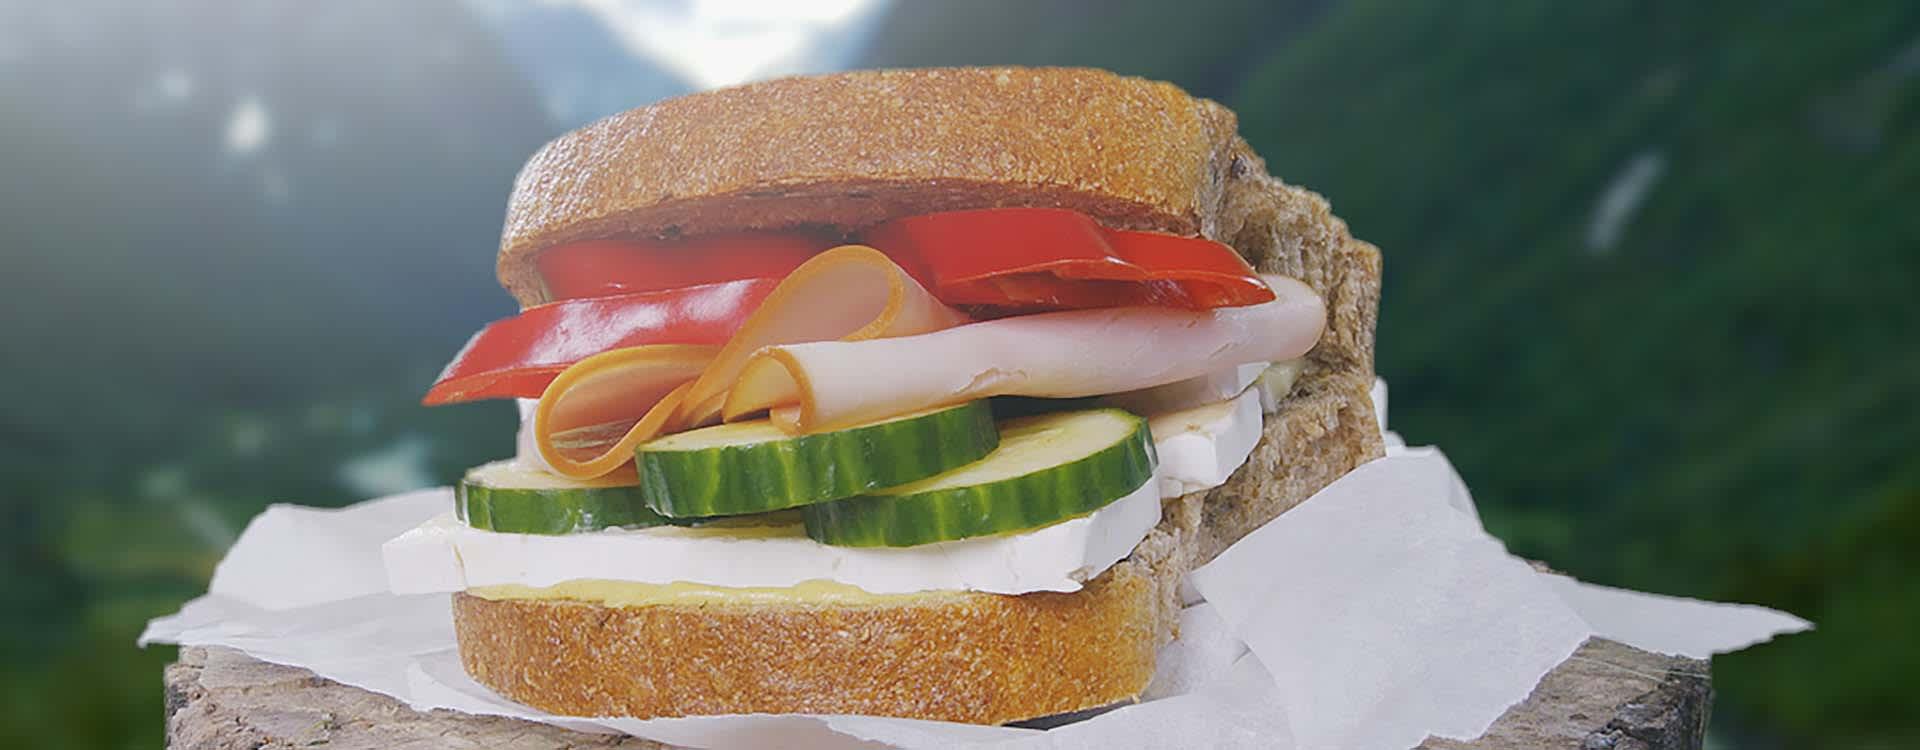 Matpakke til turen: Kalkunpålegg og grønt på Naturlig Sunt Grov